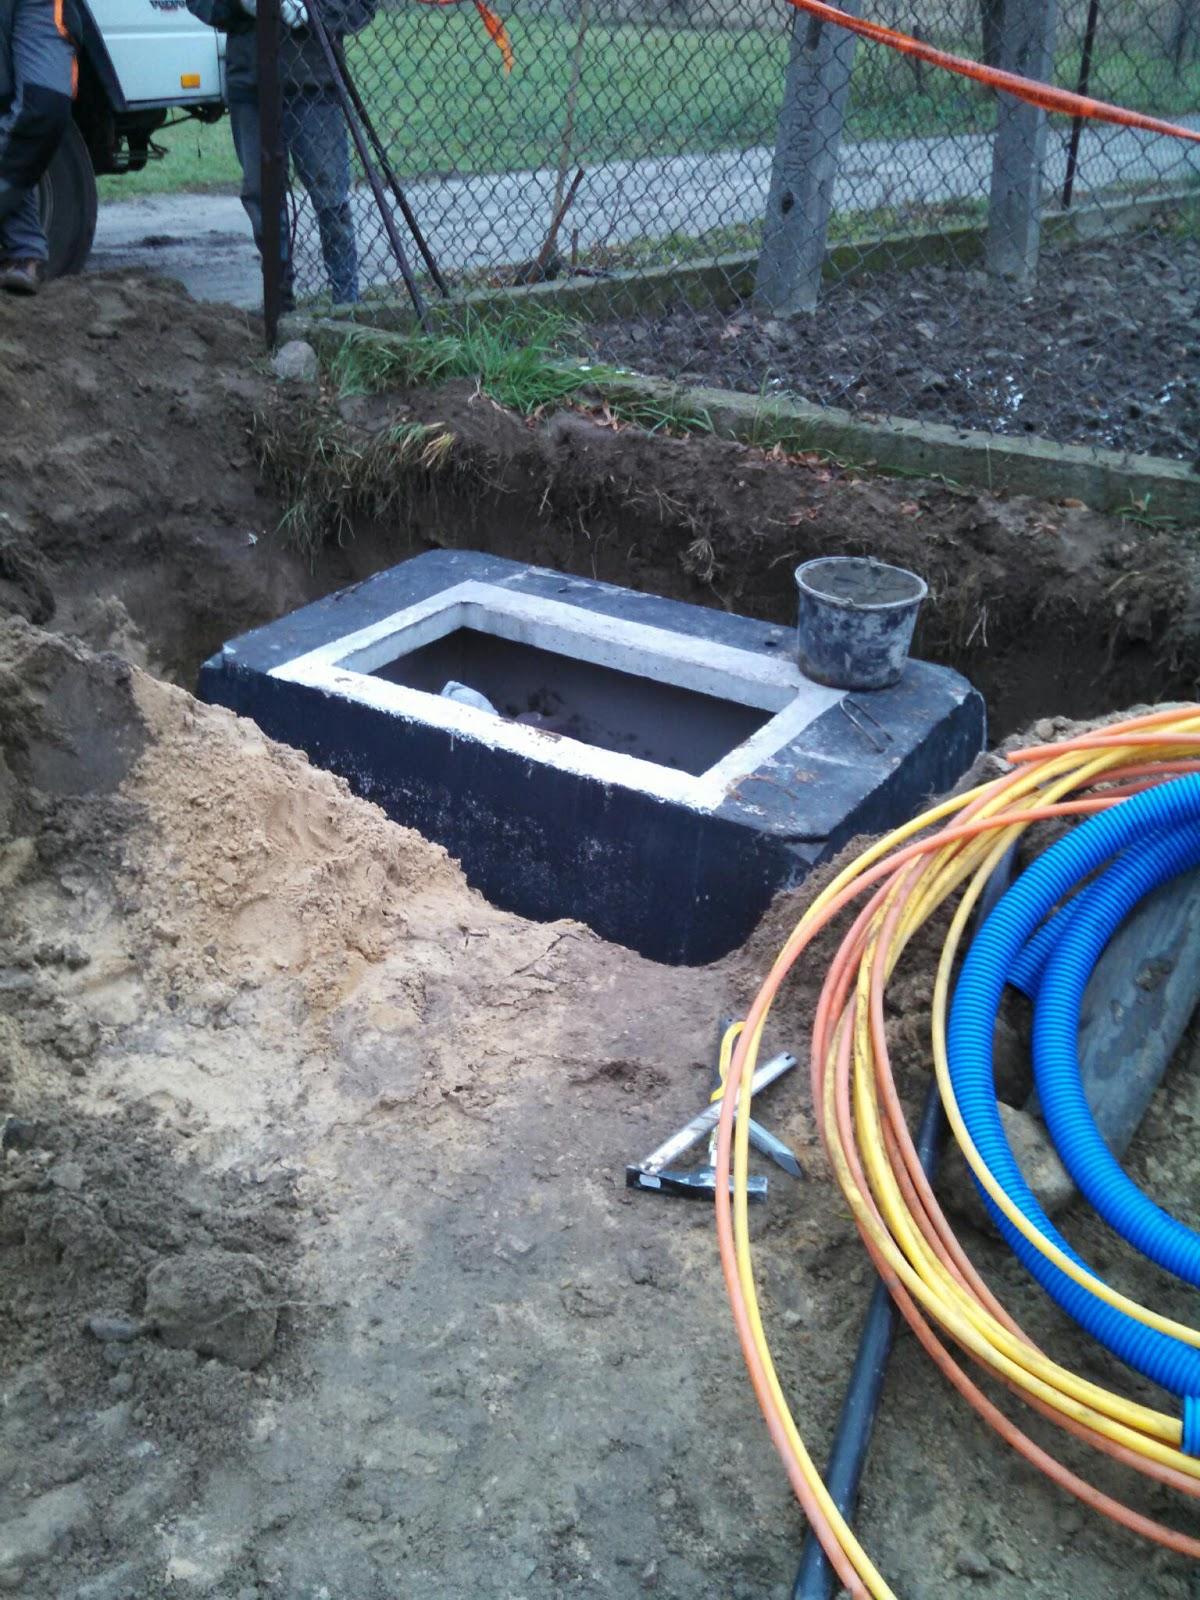 """Morawiecki o budowie sieci światłowodowej: """"Dzisiaj internet, zwłaszcza szybki, jest nieraz ważniejszy niż ciepła woda w kranie"""""""